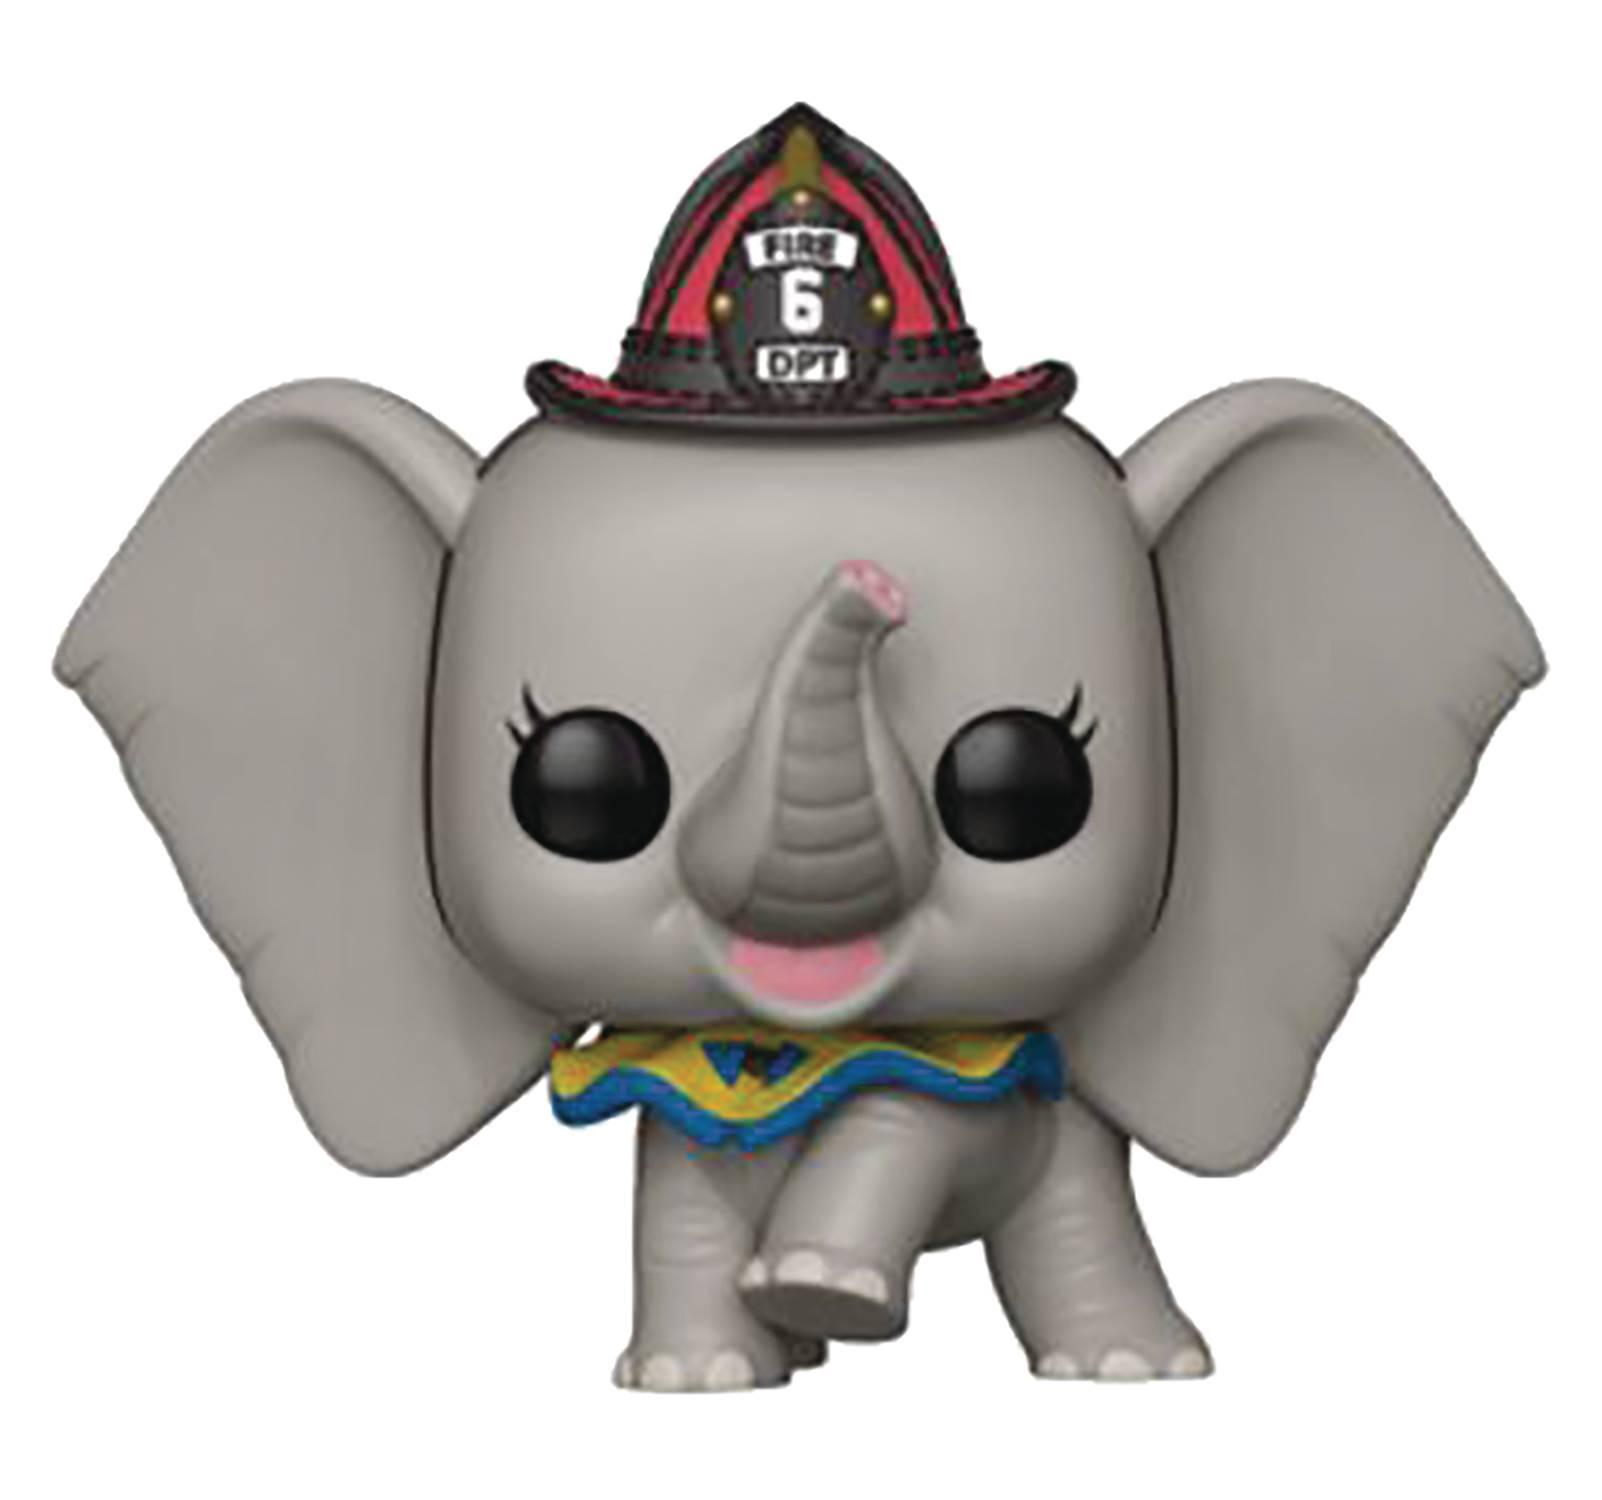 POP Disney Dumbo Fireman Dumbo Vinyl Figure (C: 1-1-2)